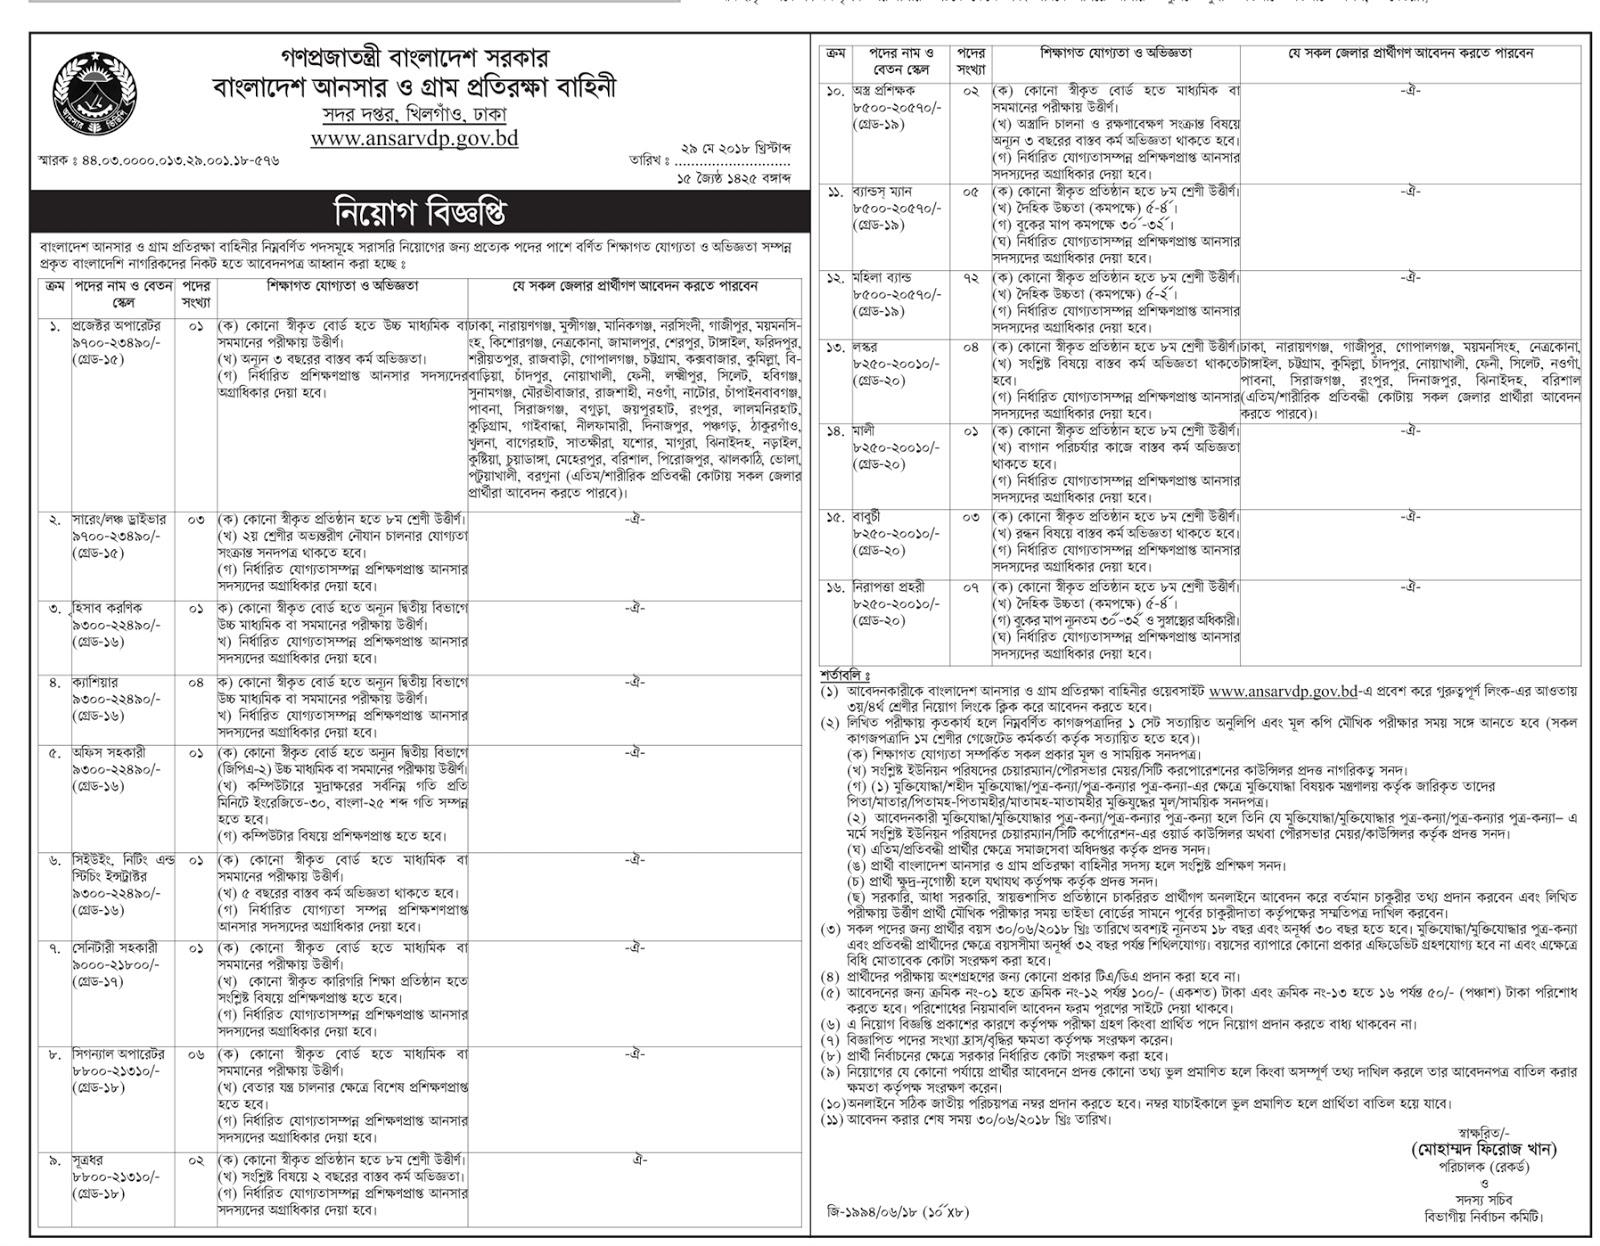 Bangladesh Ansar VDP Civilian Job Circular 2018